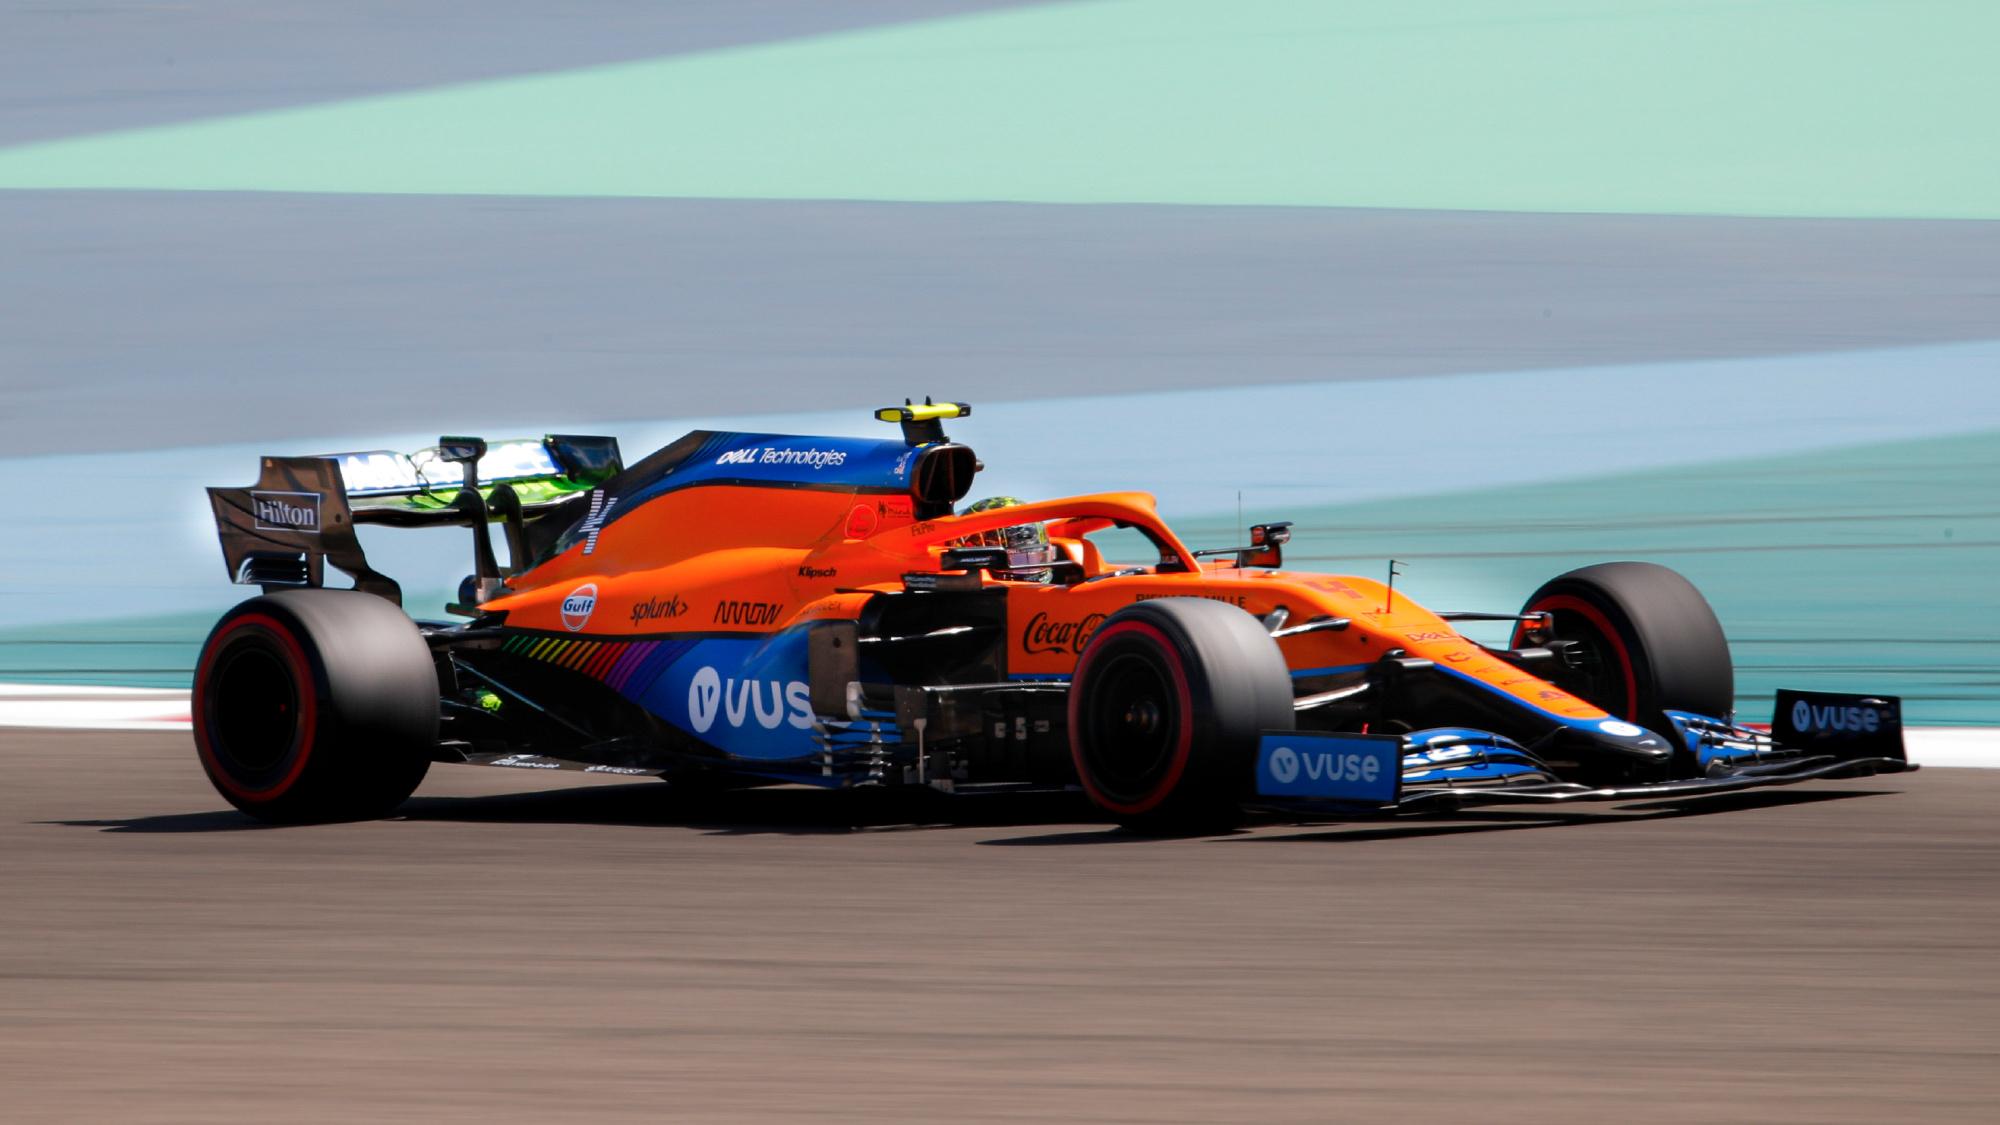 MCL35M 2021 McLaren Racing